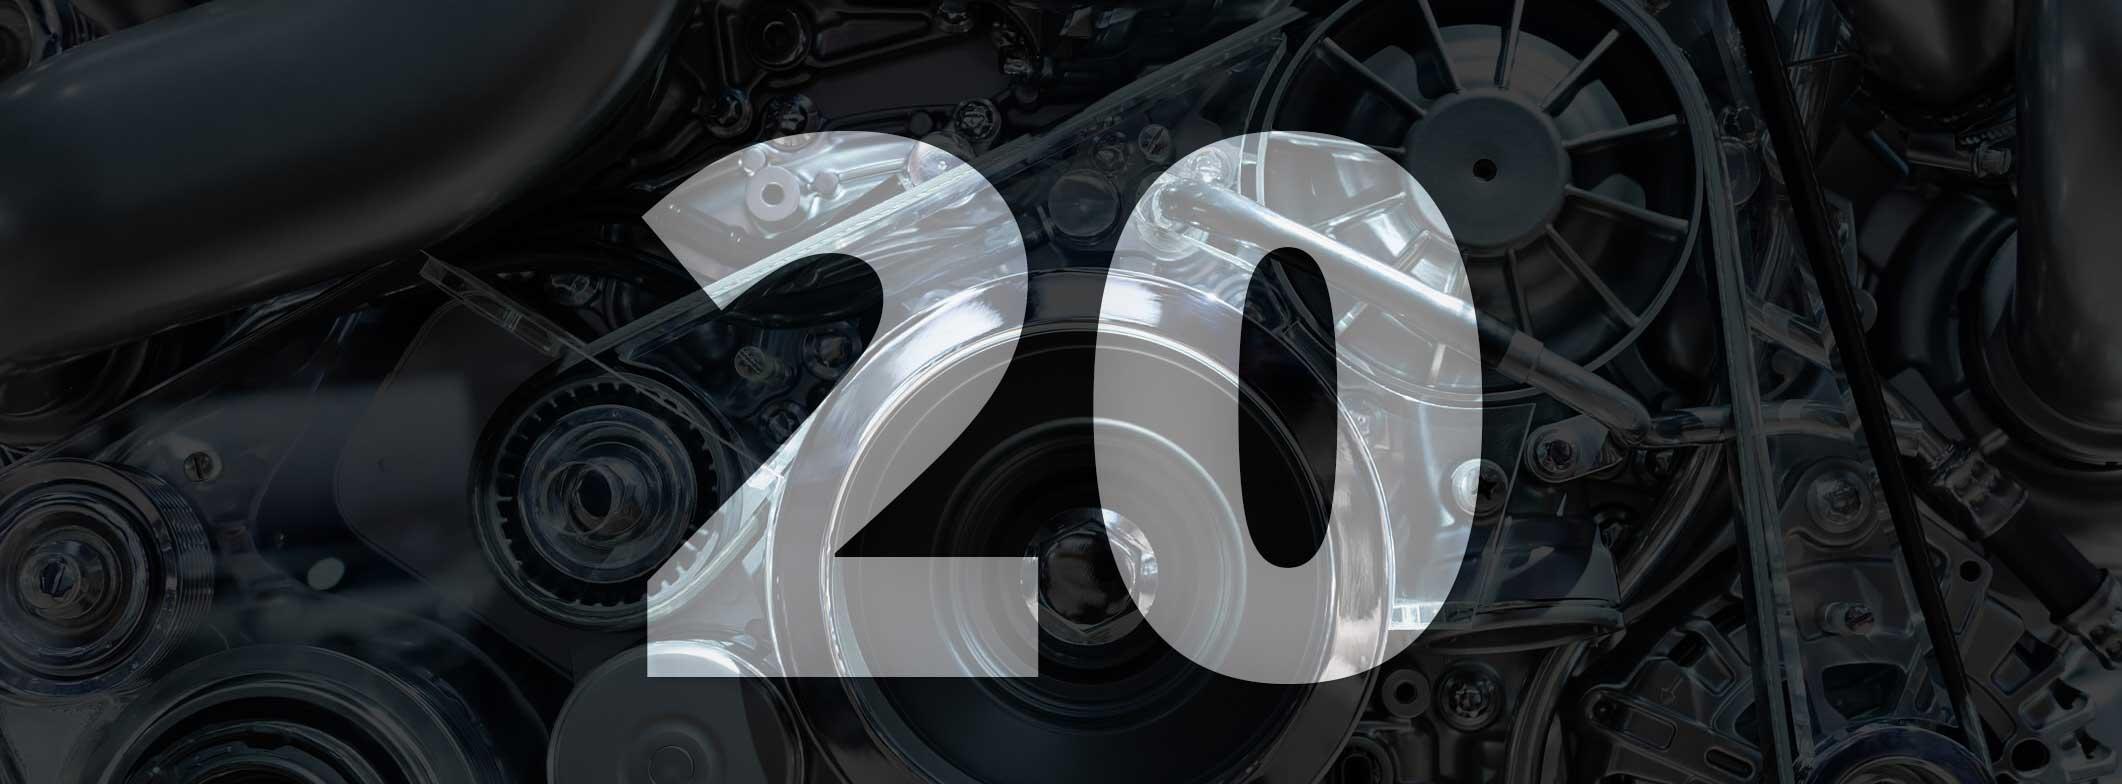 20 años vendiendo repuestos de autos